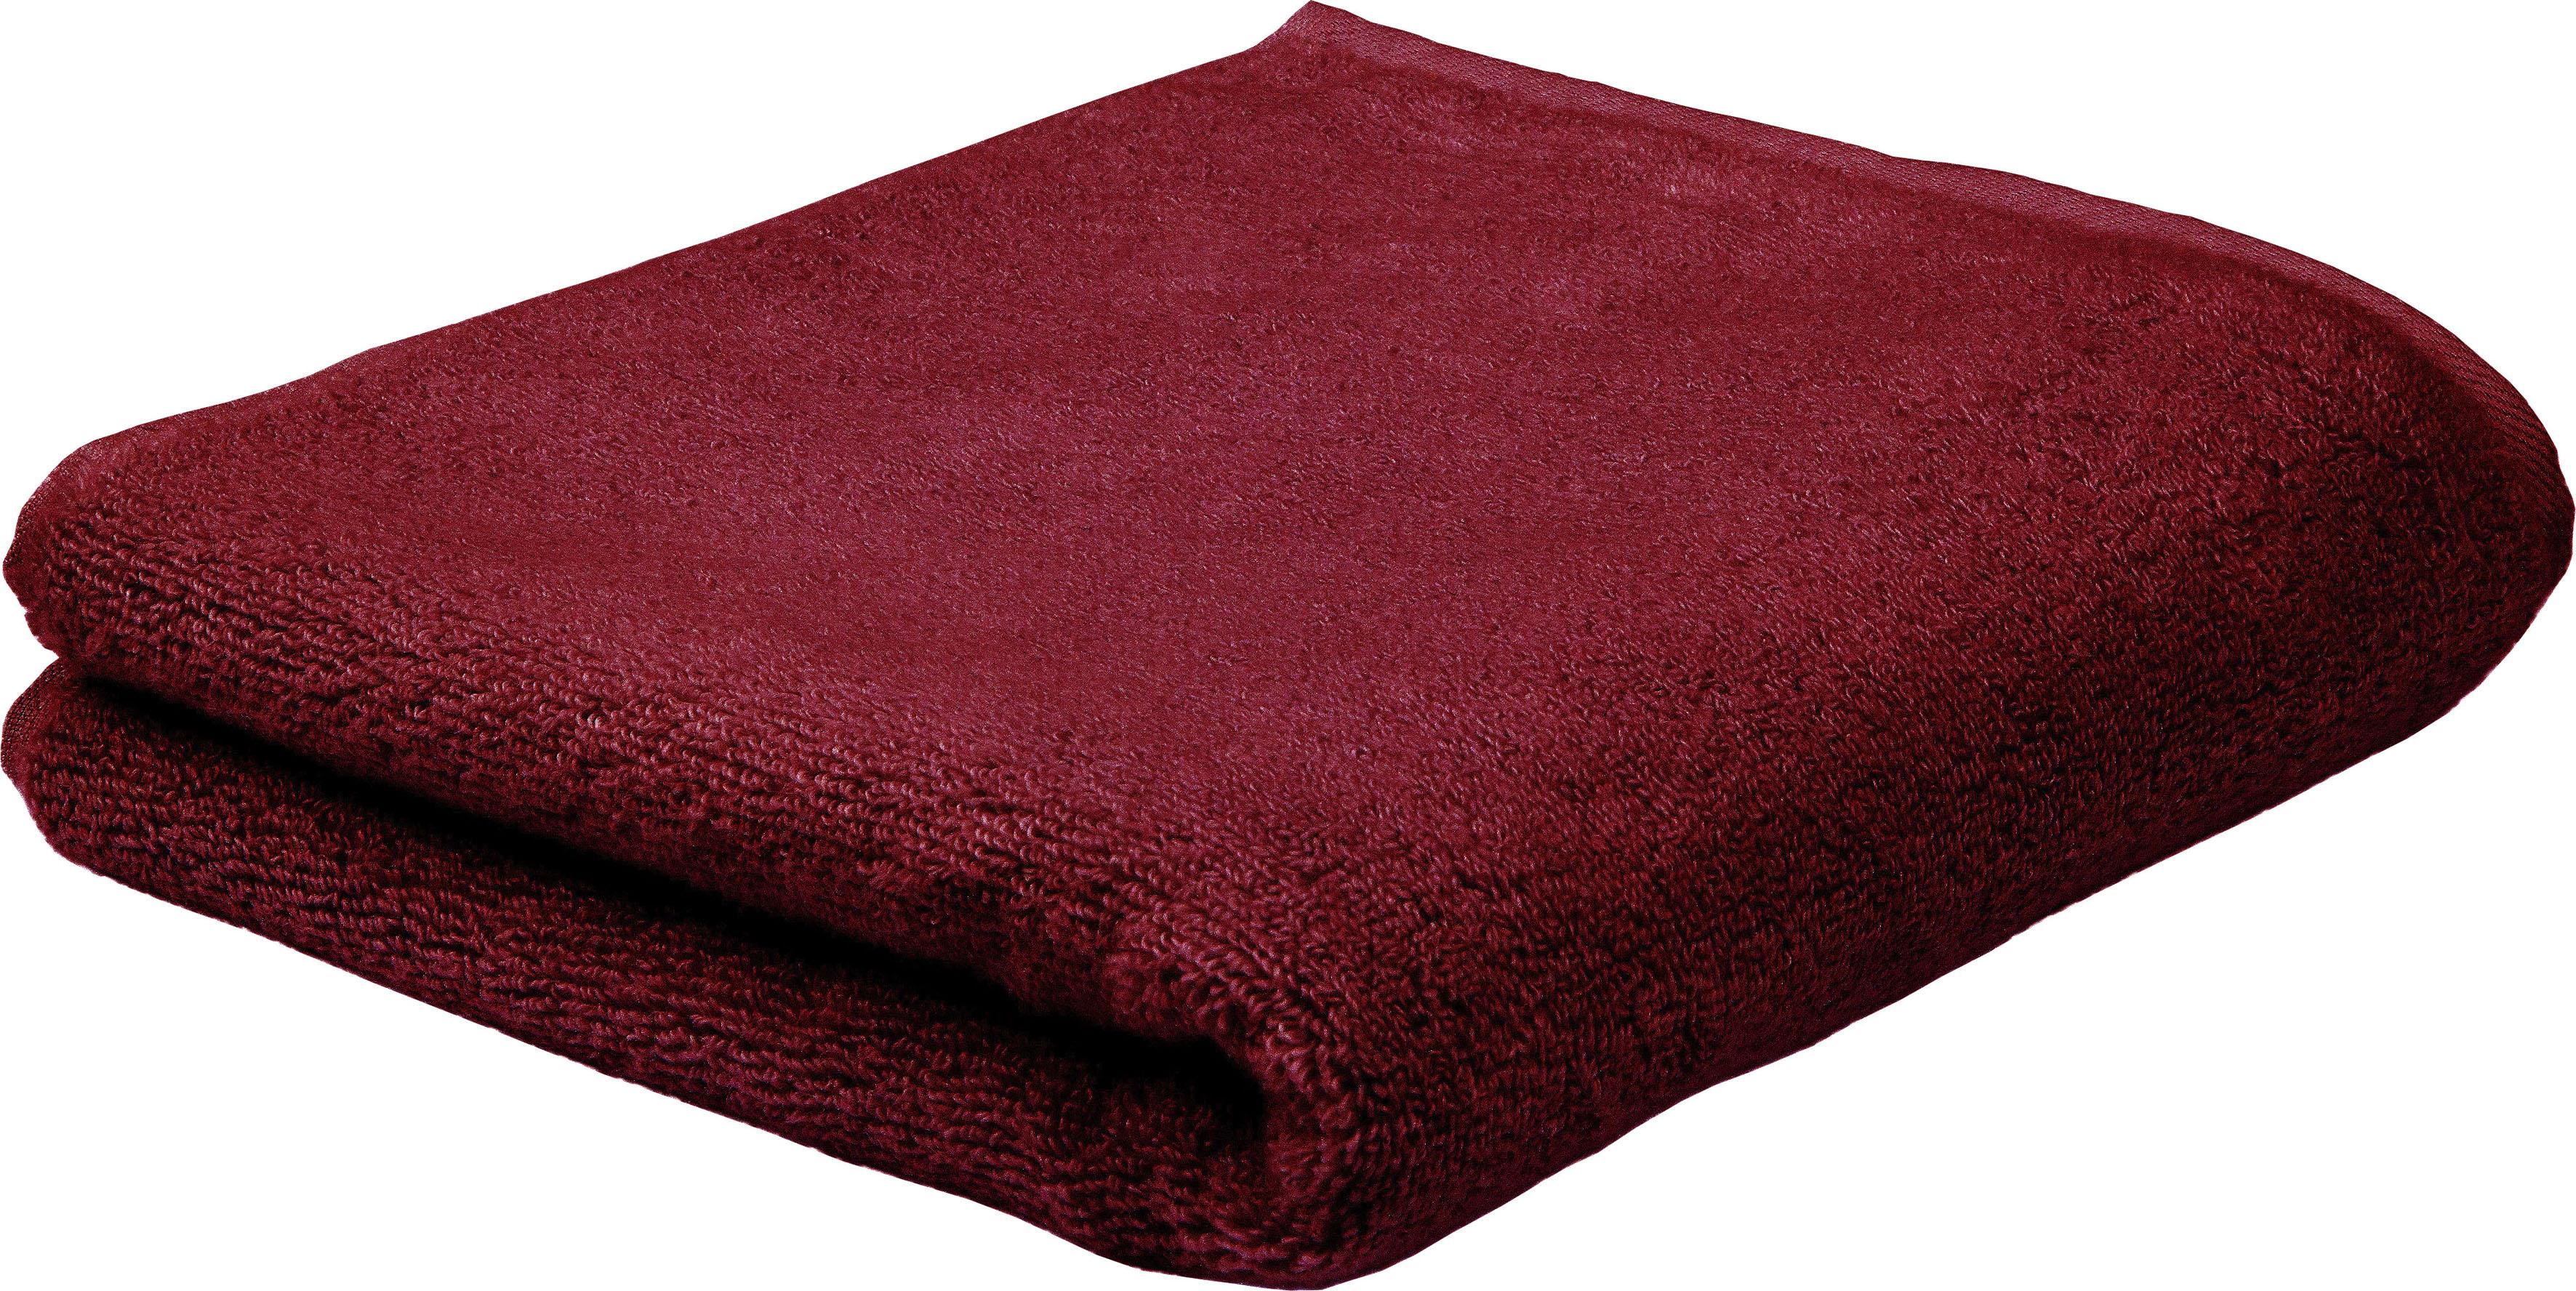 ROSS Duschtuch Sensual Skin, (1 St.), mit Aloe Vera veredelt rot Badetücher Handtücher